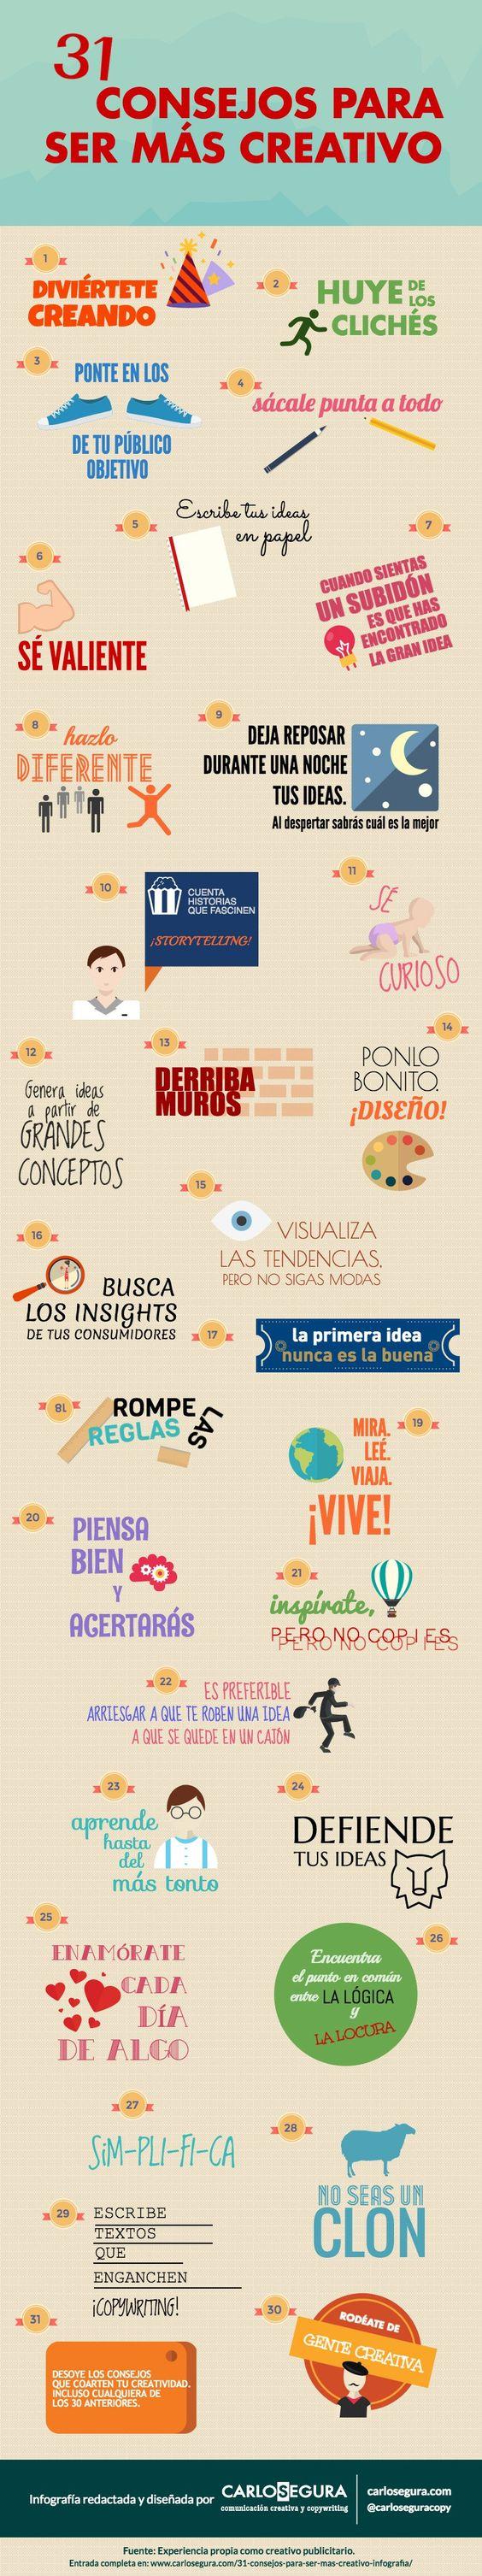 Infografía 31 consejos para ser más creativo. Creación y entrada original: carlosegura.com: